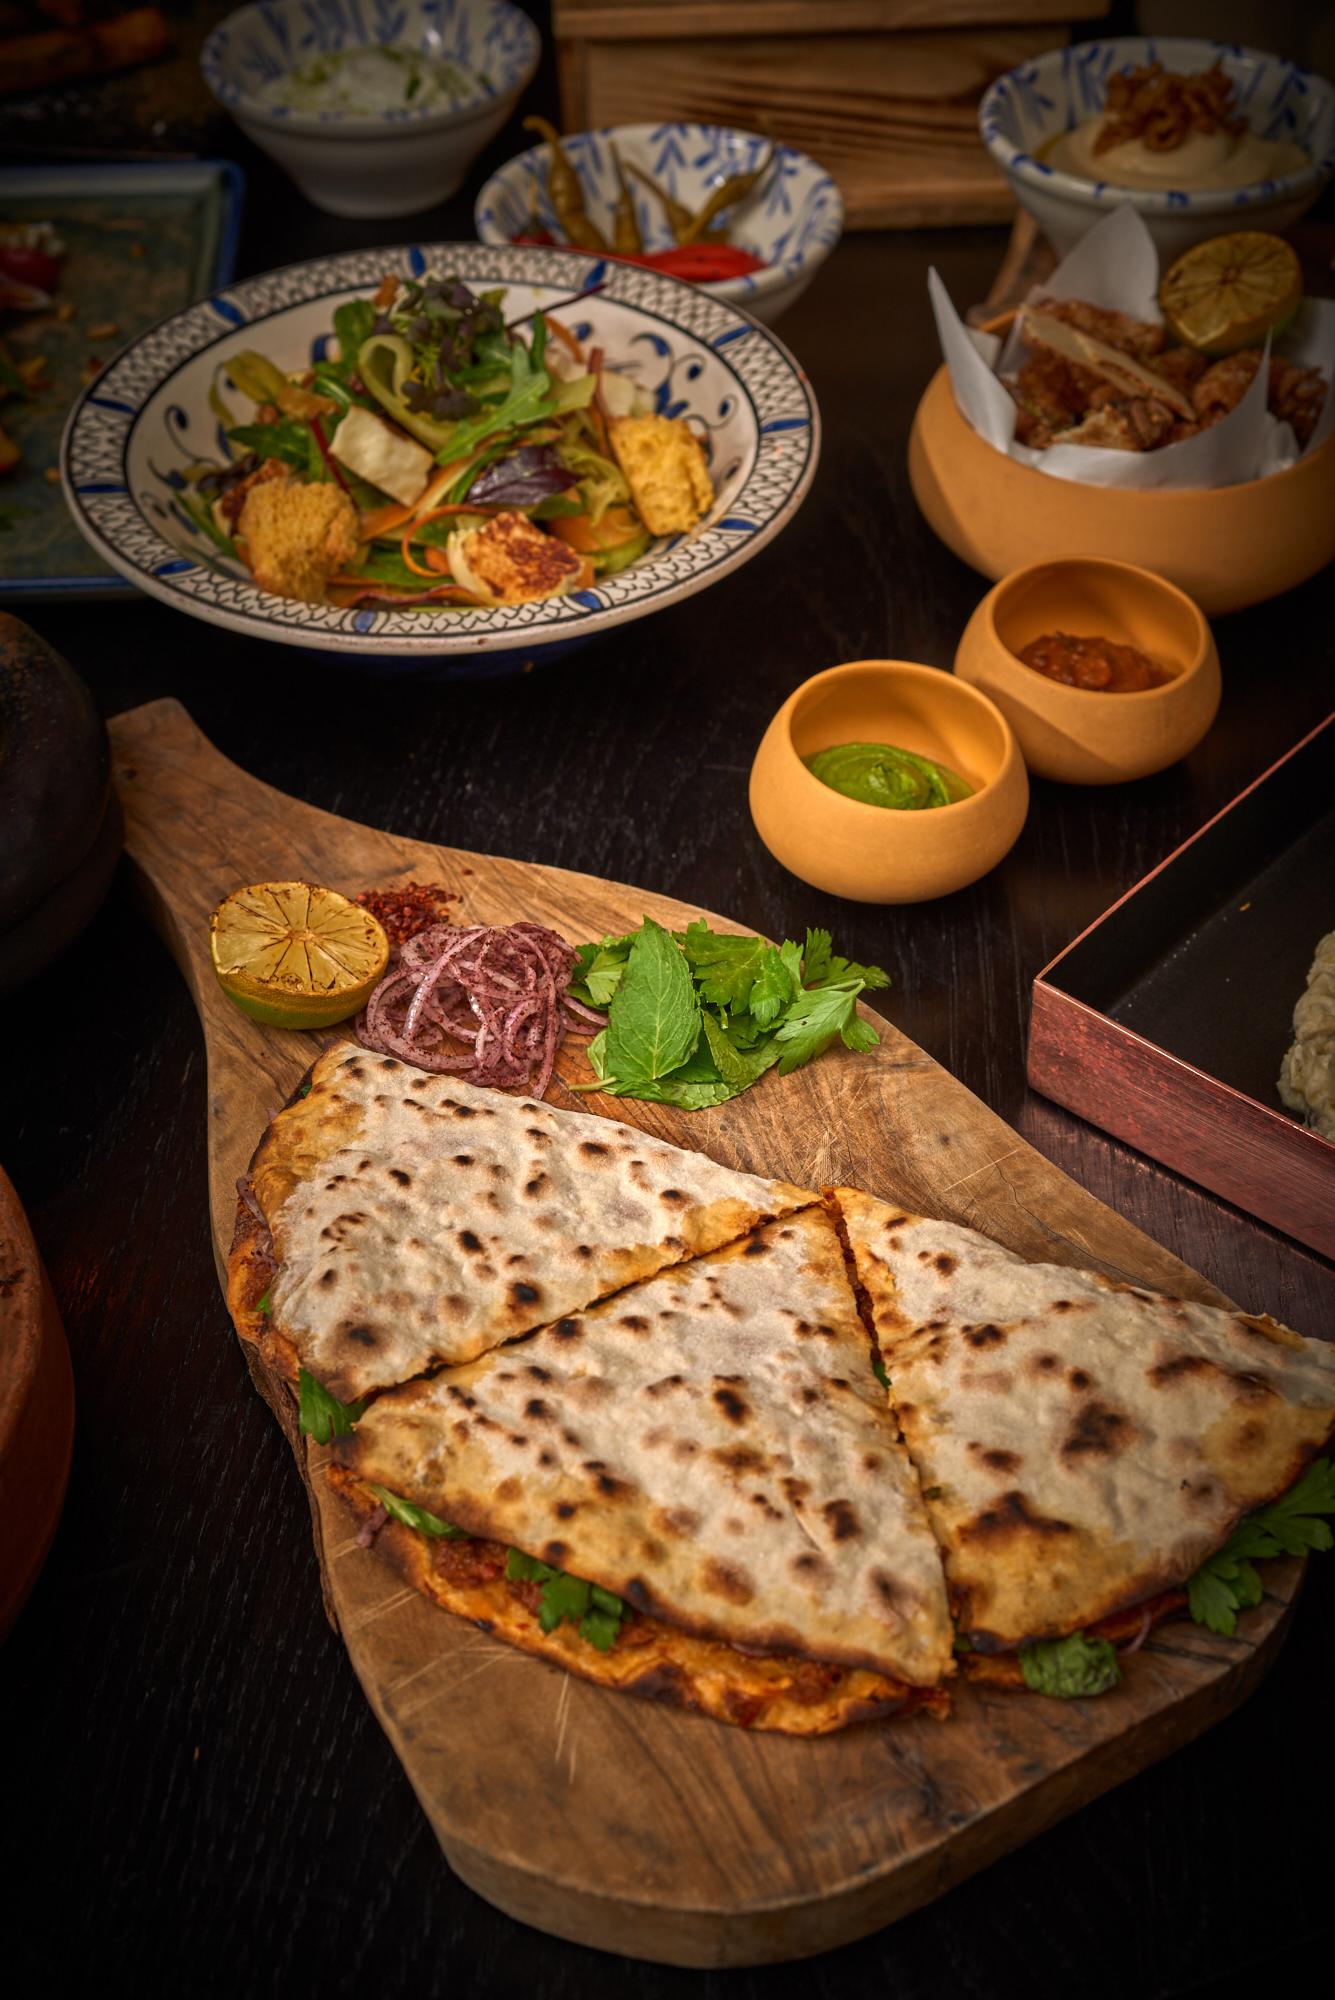 مطعم رؤيا دبي يكشف عن قائمة طعامه احتفاءً بحلول شهر رمضان 2019